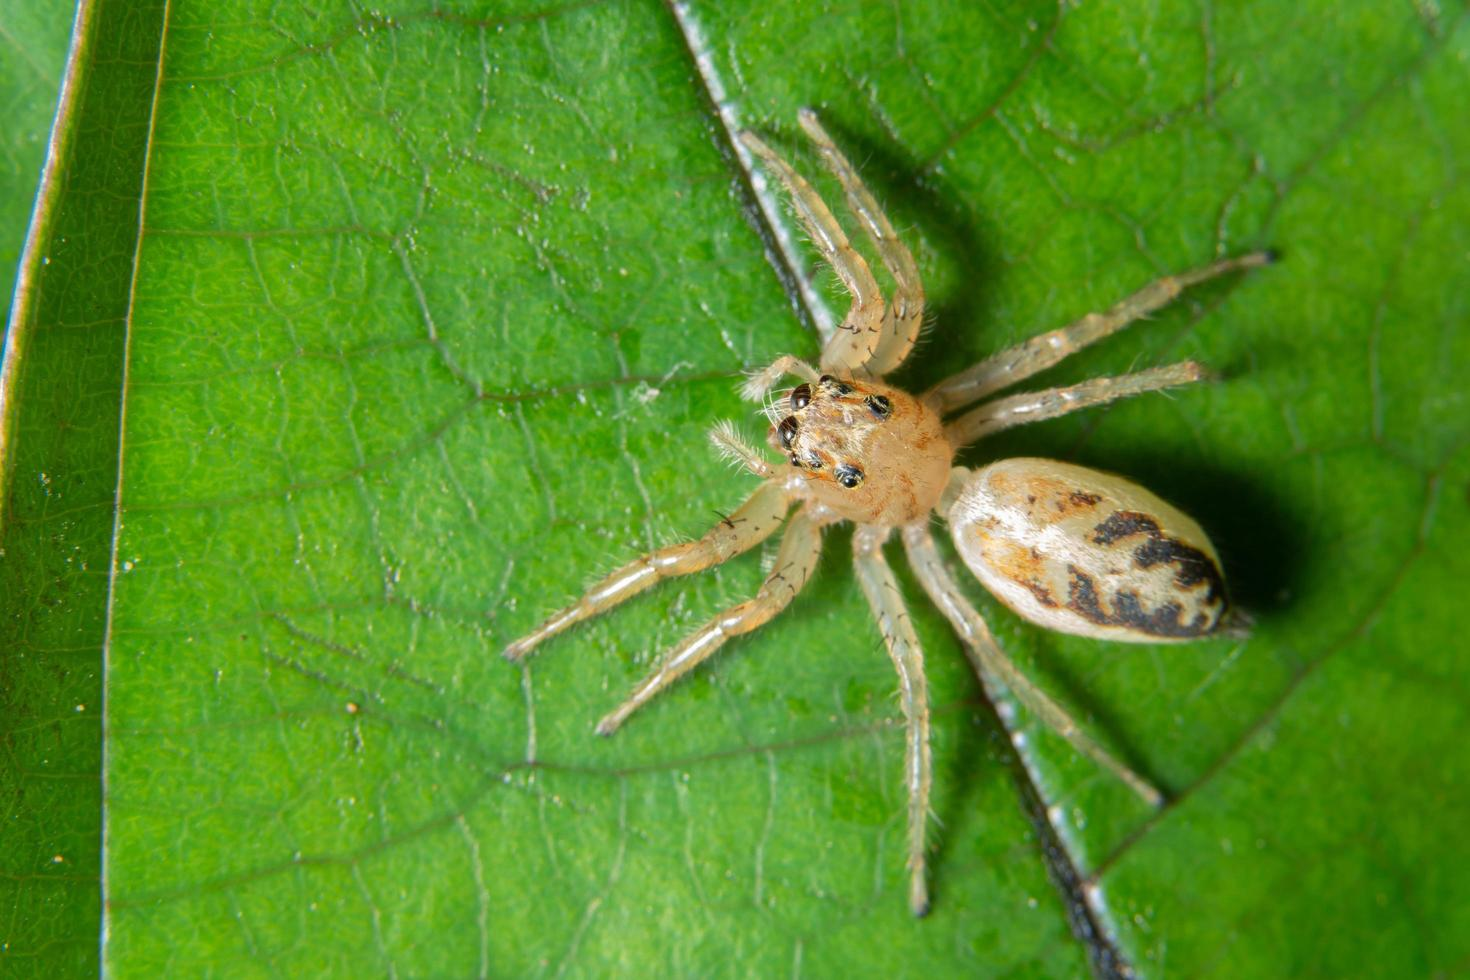 ragno su una foglia, macro foto